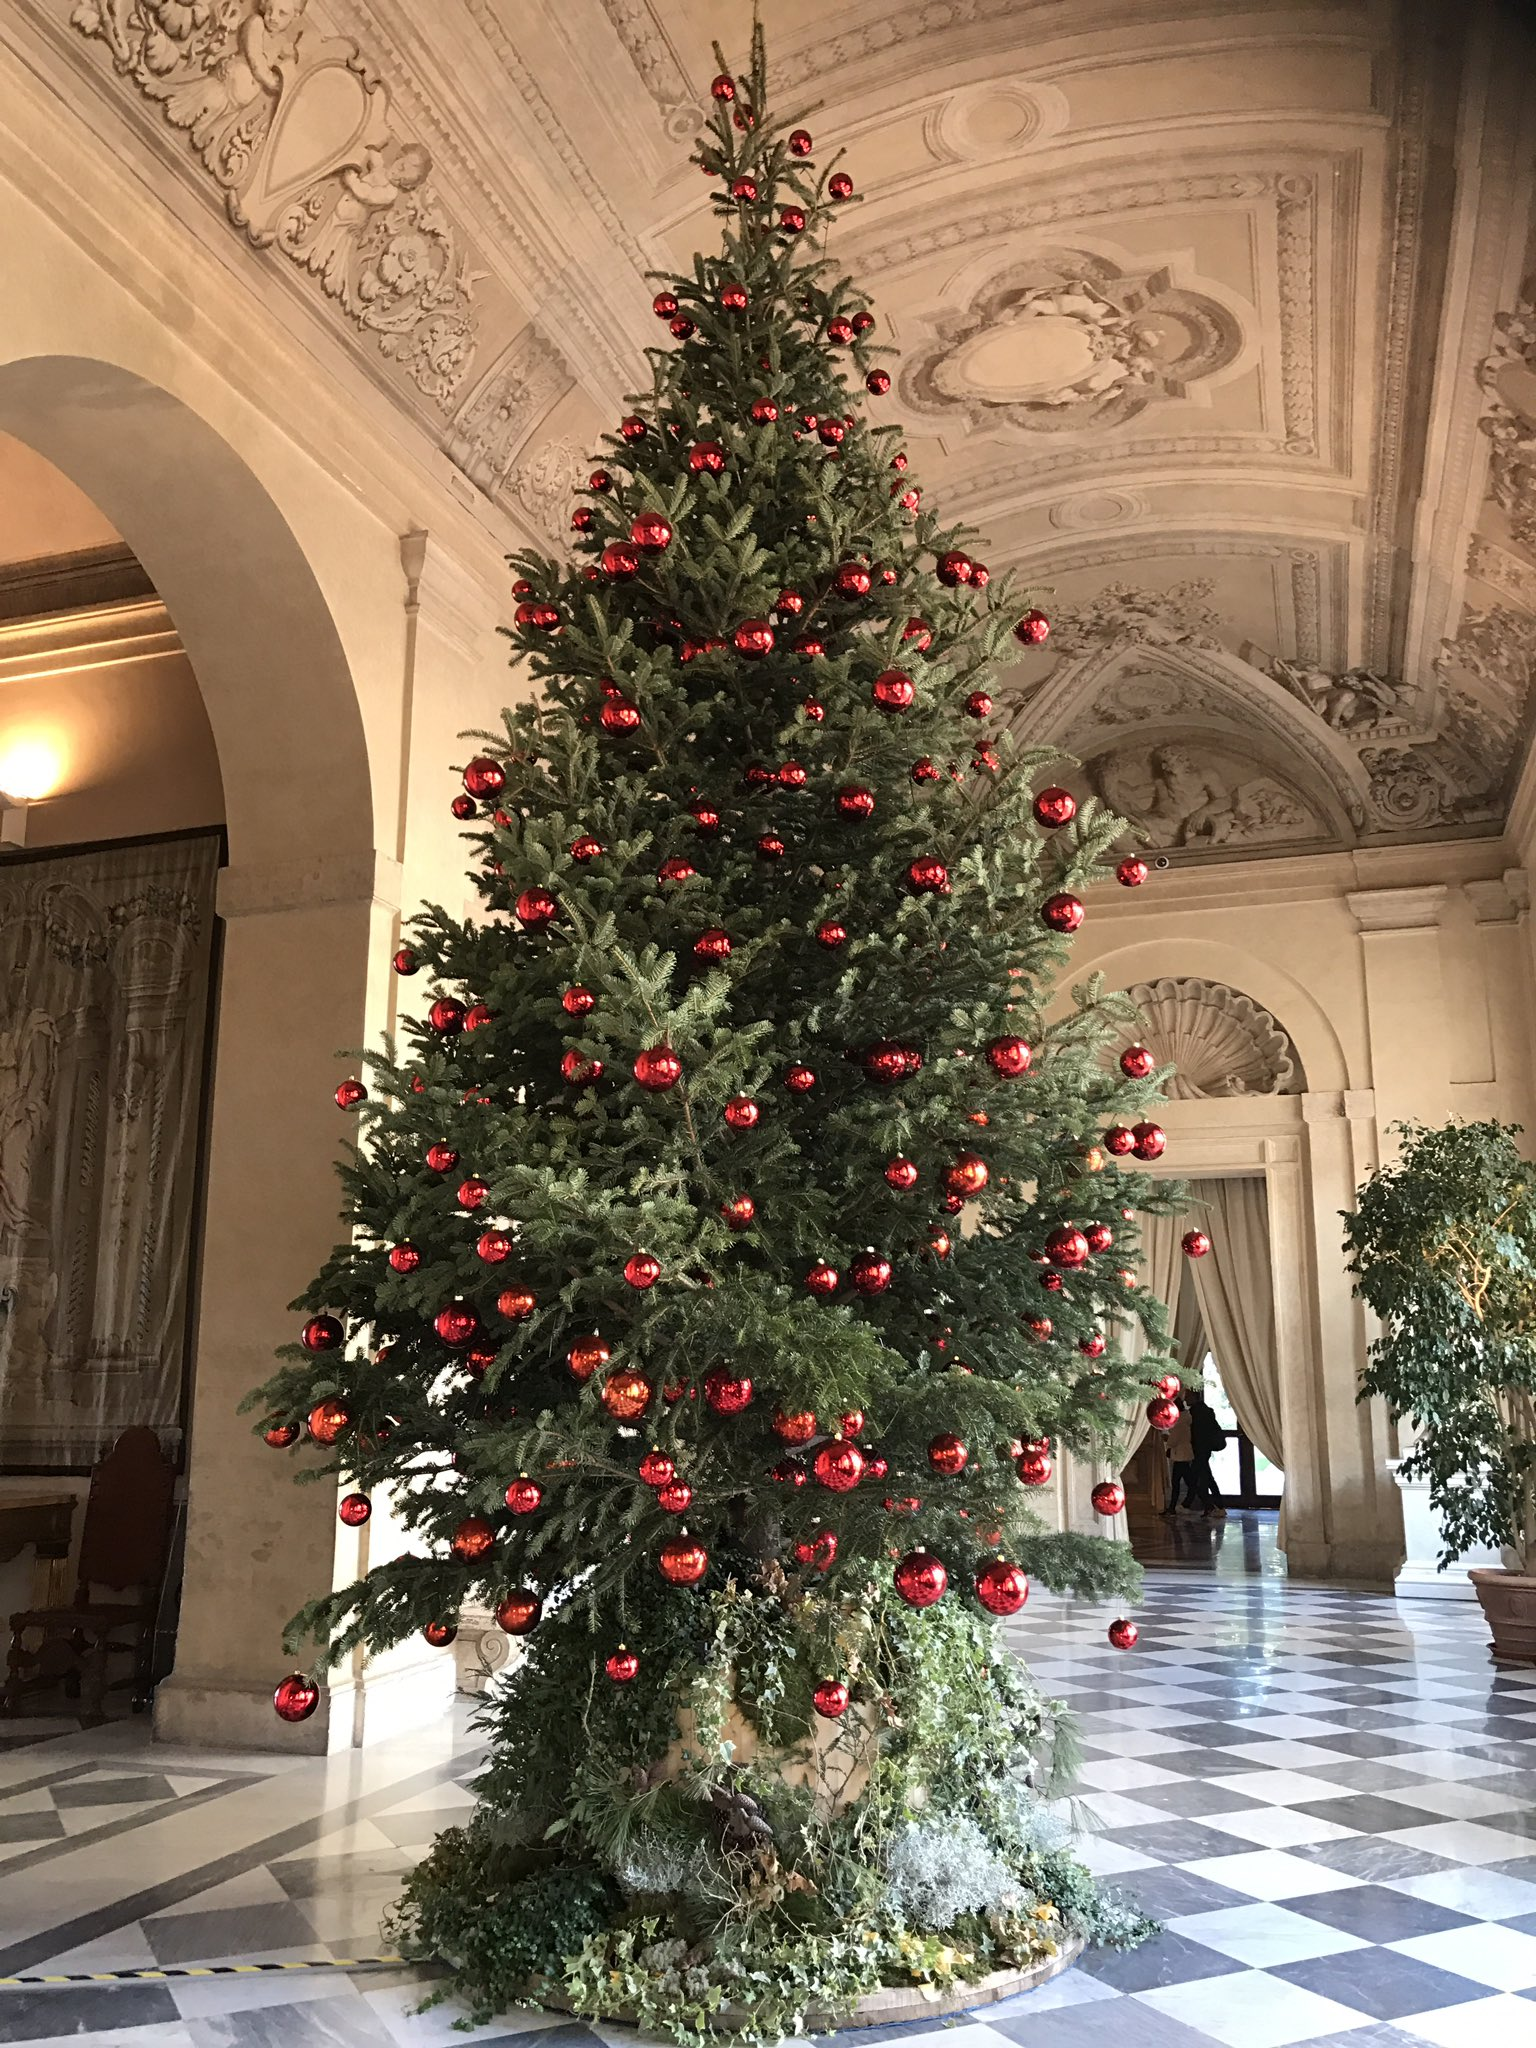 Qui #Quirinale: #Natale nonostante la crisi di governo 🎄🎄🎄❤️ https://t.co/xugQjW2bfp